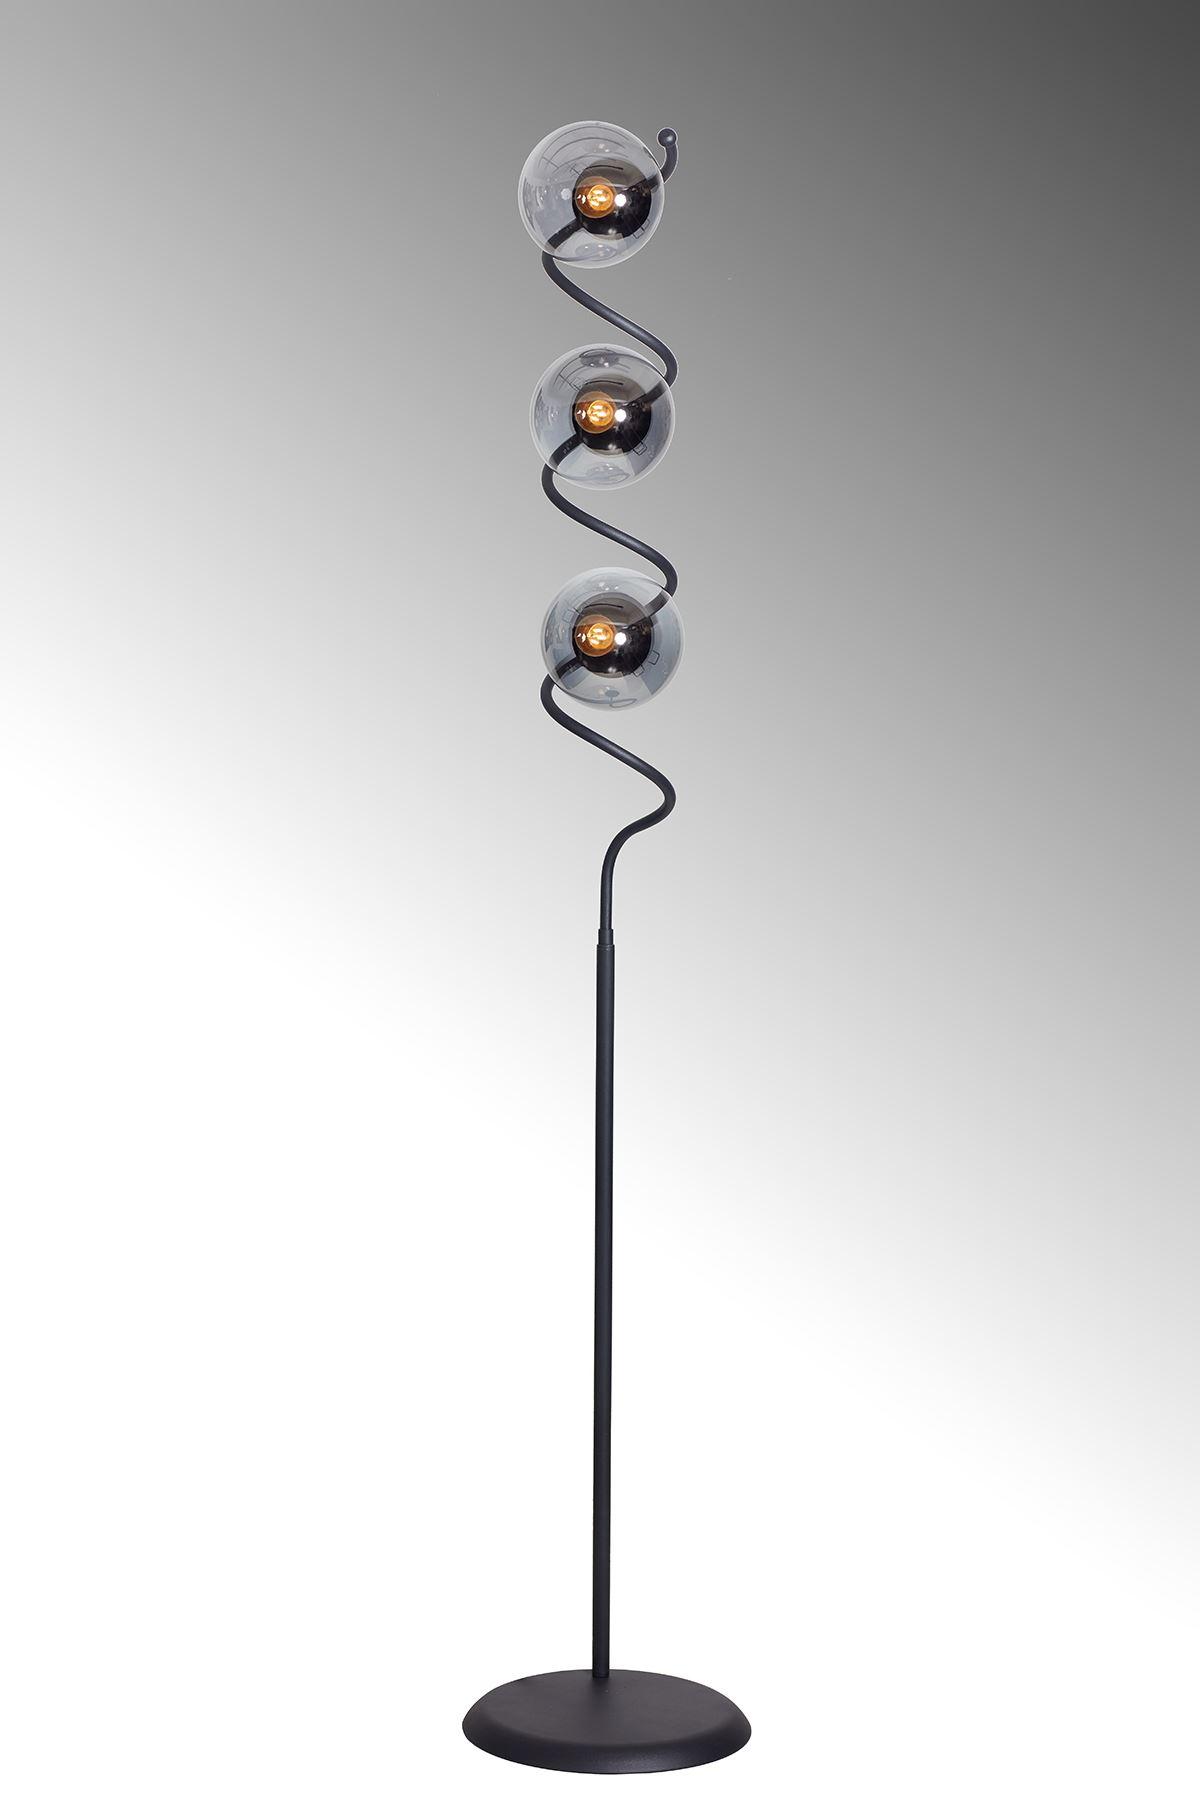 Nora Siyah Metal Gövde Füme Camlı Tasarım Lüx Yerden Aydınlatma Lambader